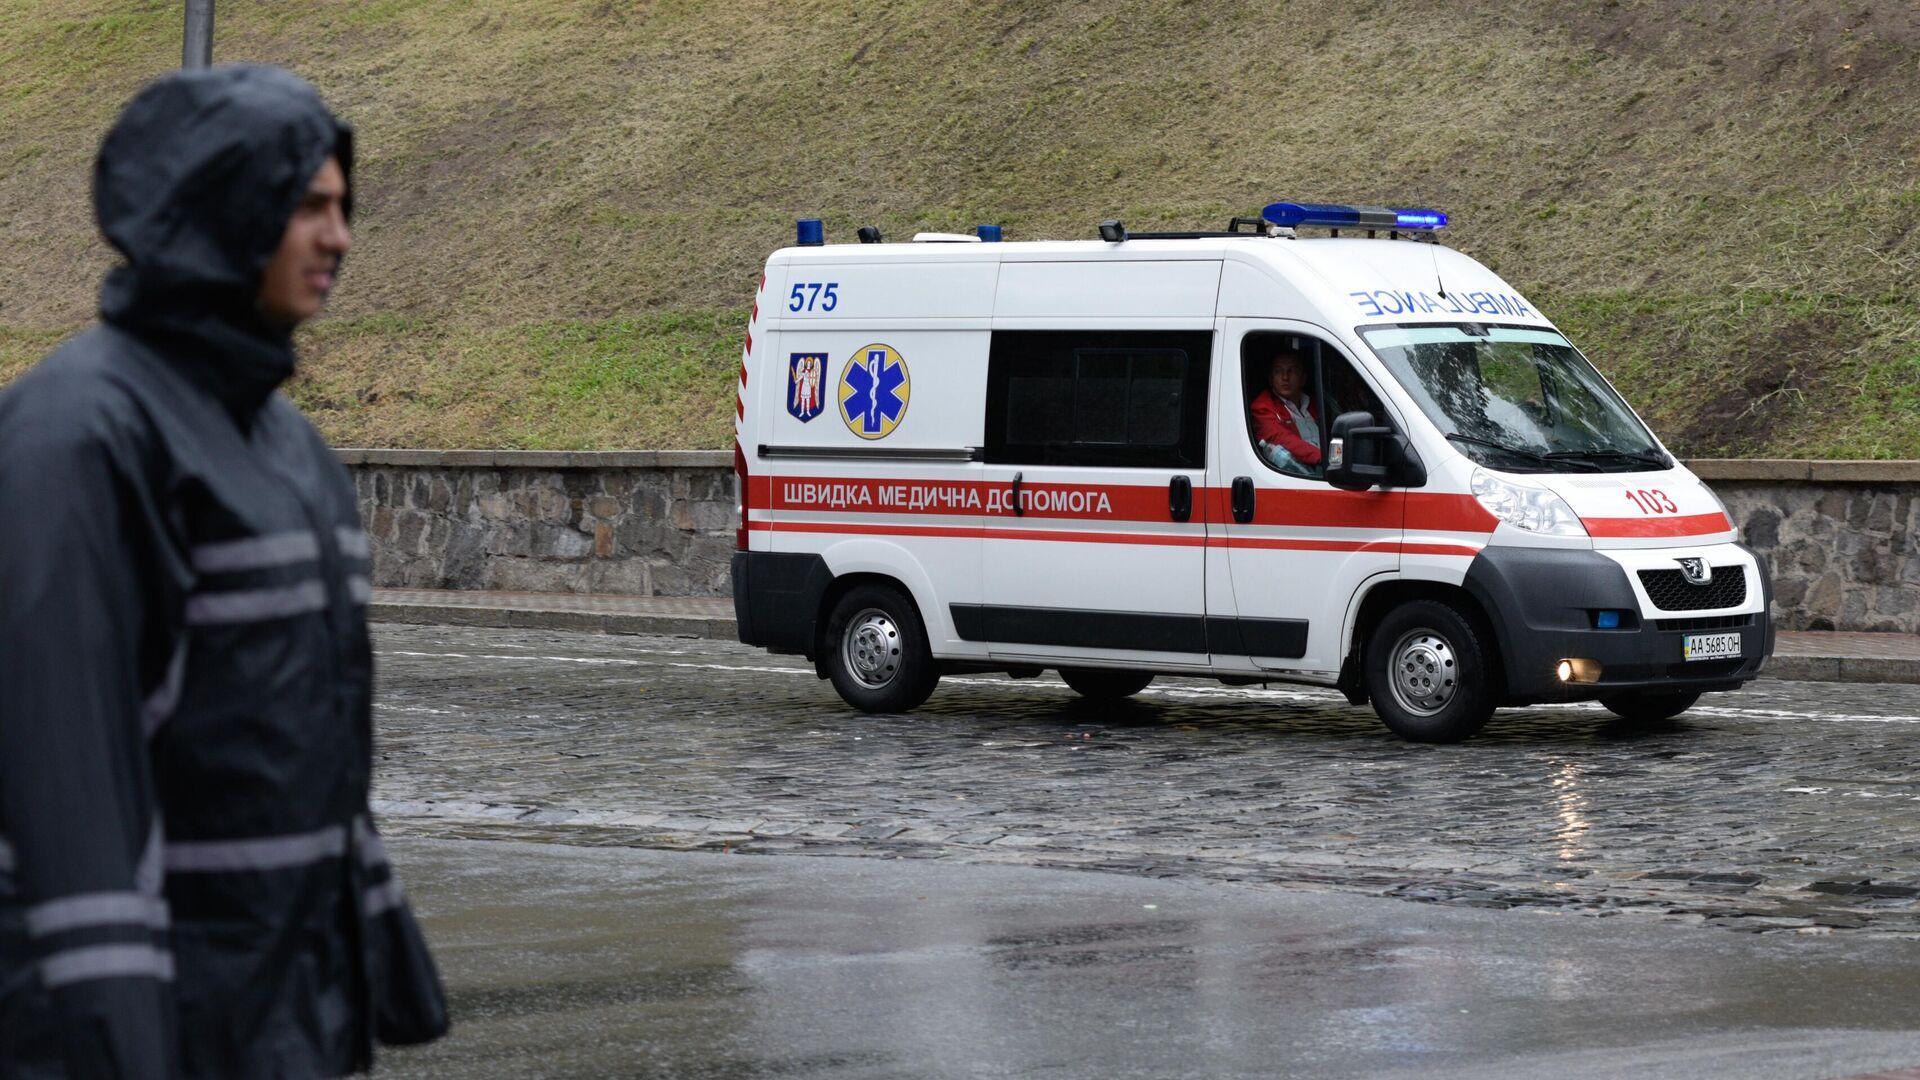 Rettungswagen in der Ukraine (Symbolbild) - SNA, 1920, 28.02.2021